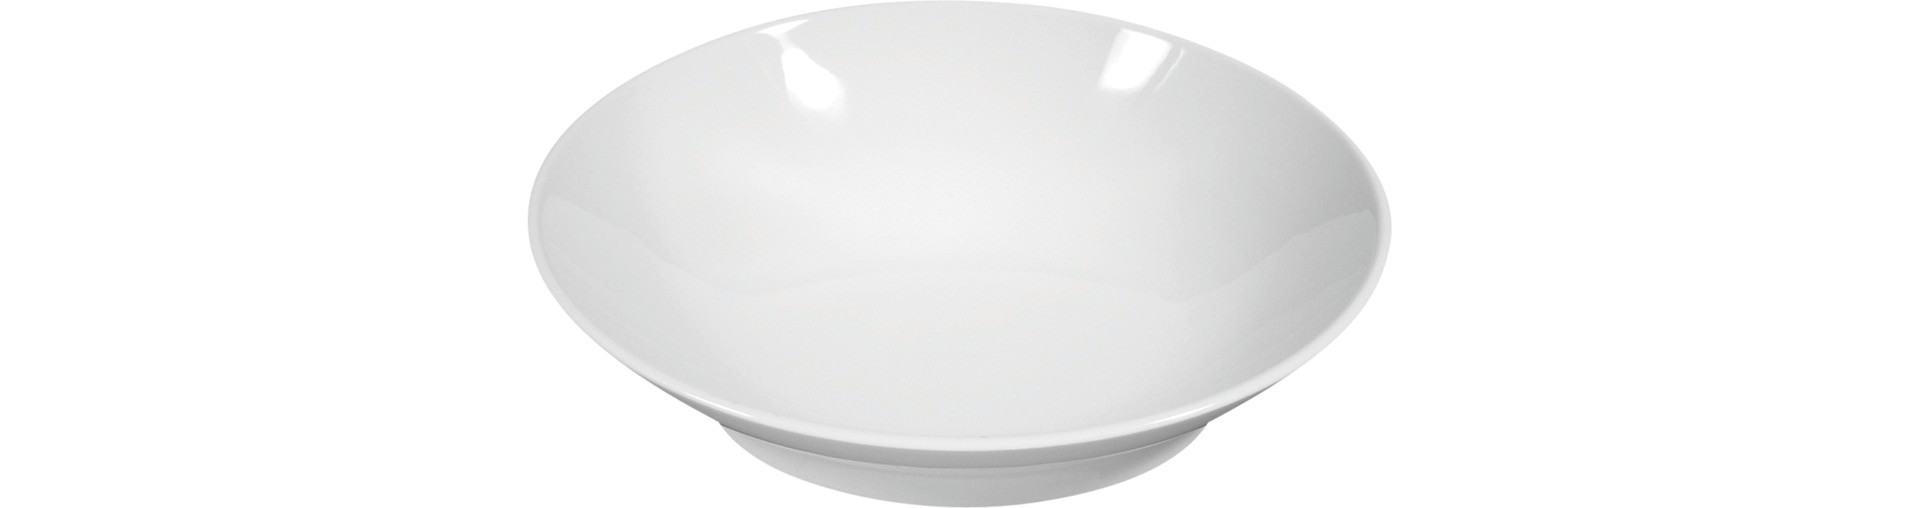 Buffet Gourmet, Frischeschale rund ø 280 mm / 0,92 l